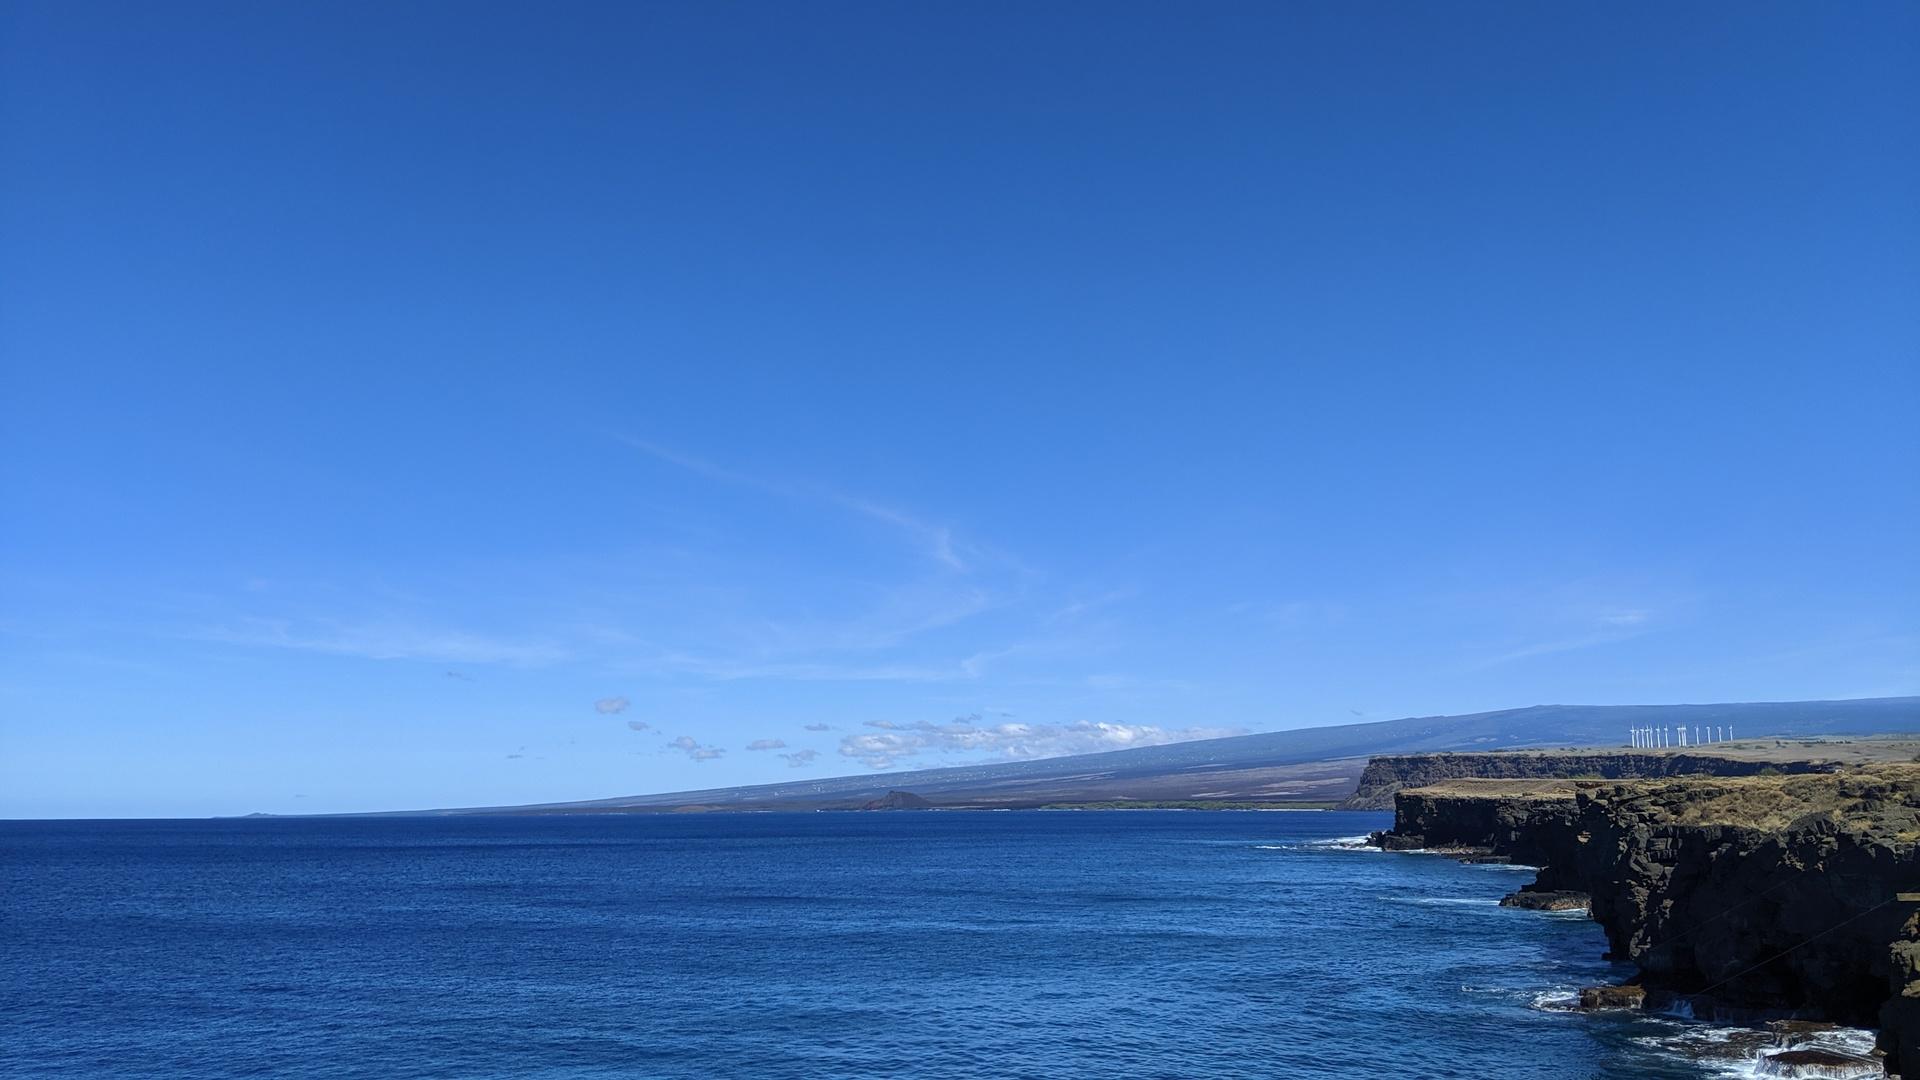 ハワイ島ほぼ一周400km、オススメスポットを1日で巡るお値段以上の大満足ツアー。  レンタカーでの観光も検討していましたが、初めてのハワイ島観光に老舗太公望さんのガイド付きを選んで大正解でした!  ハワイにワイキキのようなにぎやかさより、眼前に広がる雄大な自然を期待する人は断然参加の価値アリです。